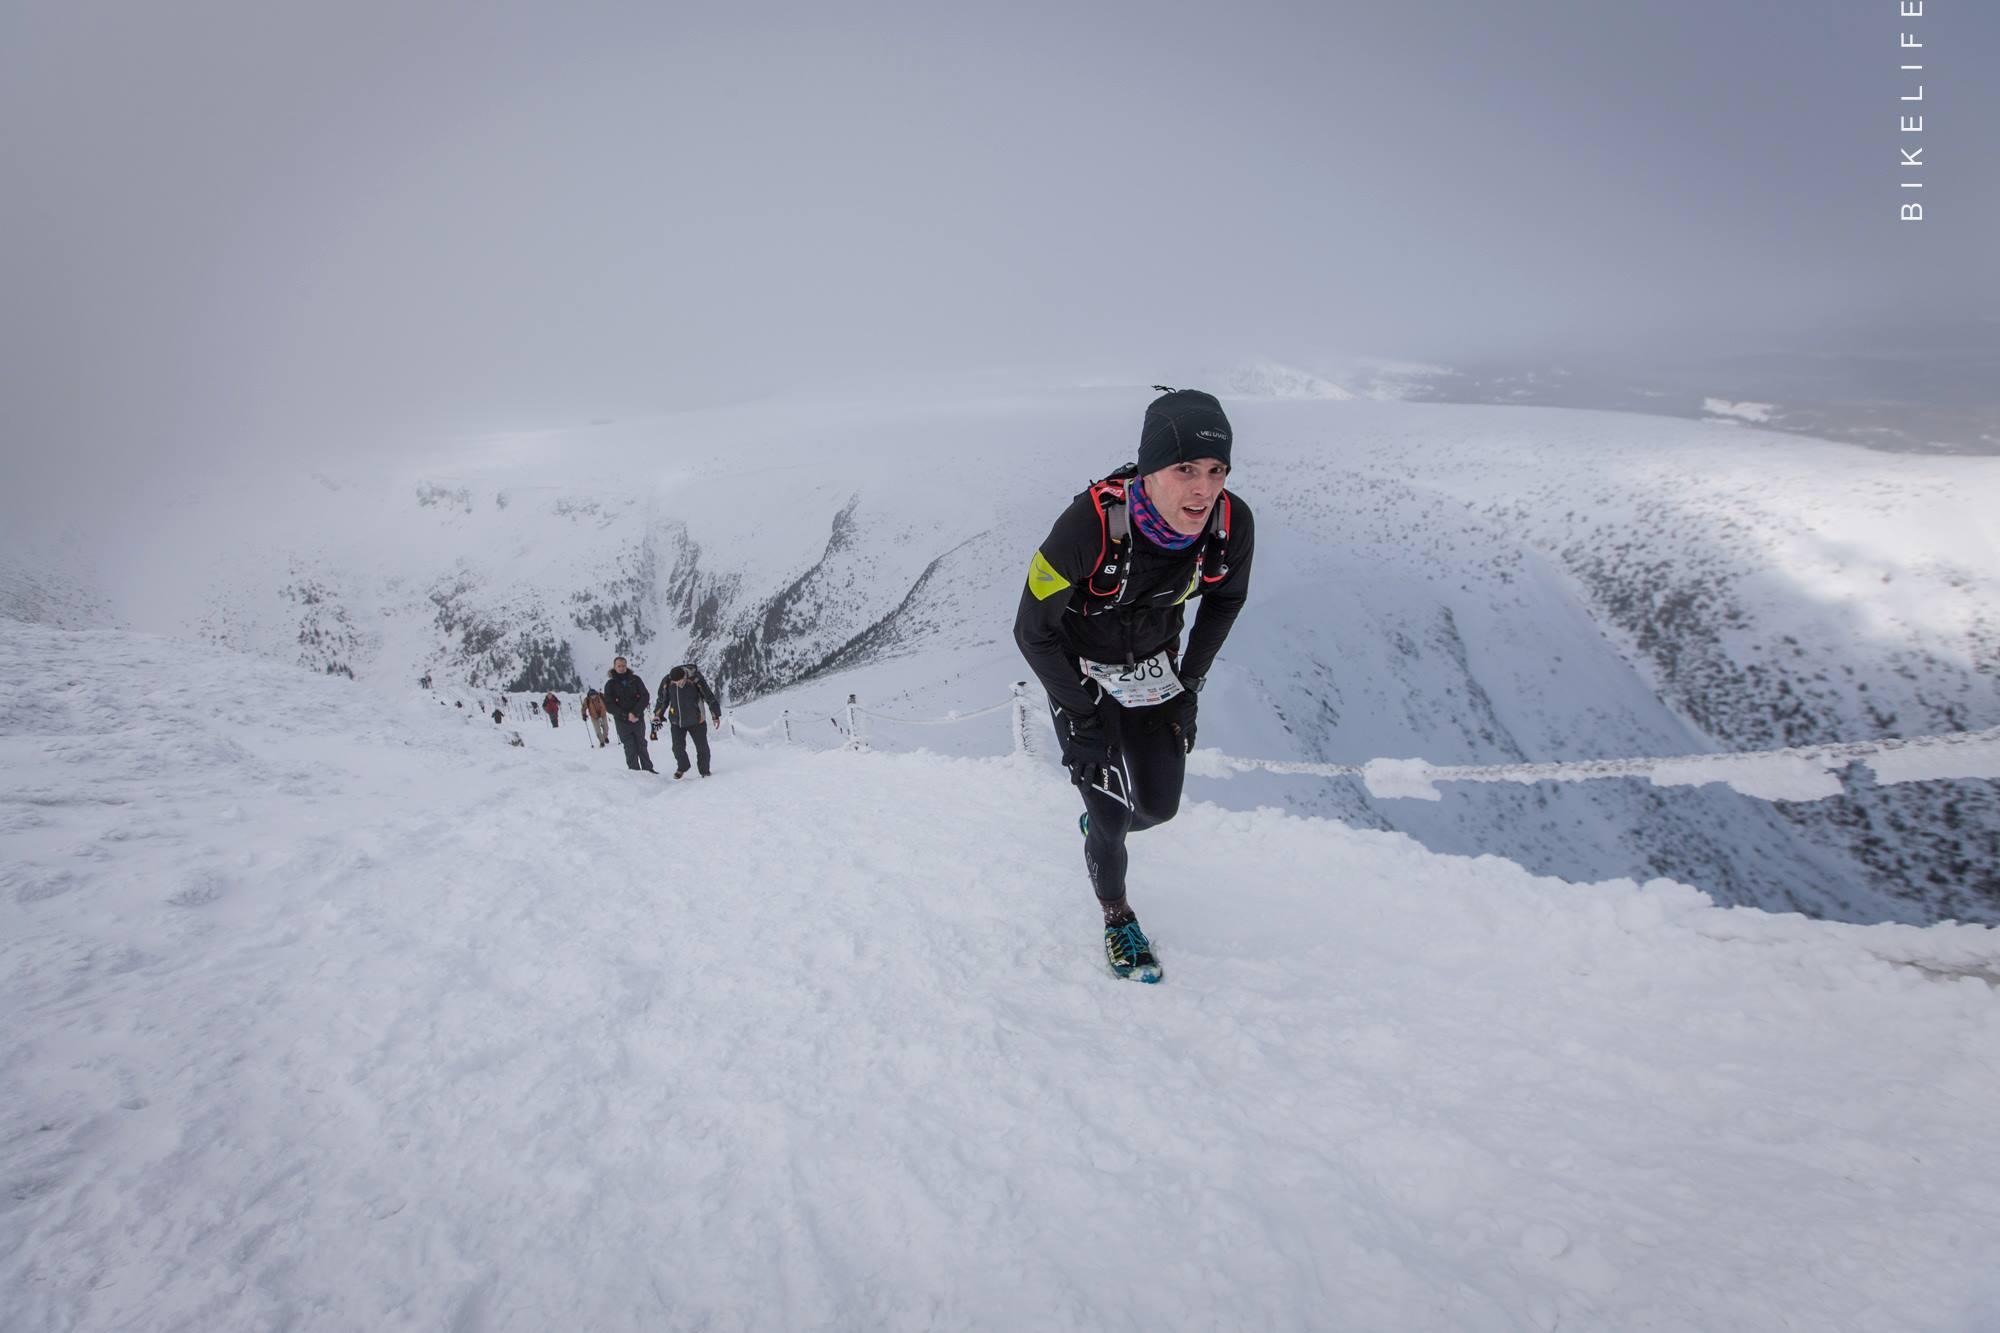 Zimowy Ultramaraton Karkonoski 2015. Fot. BikeLife 02